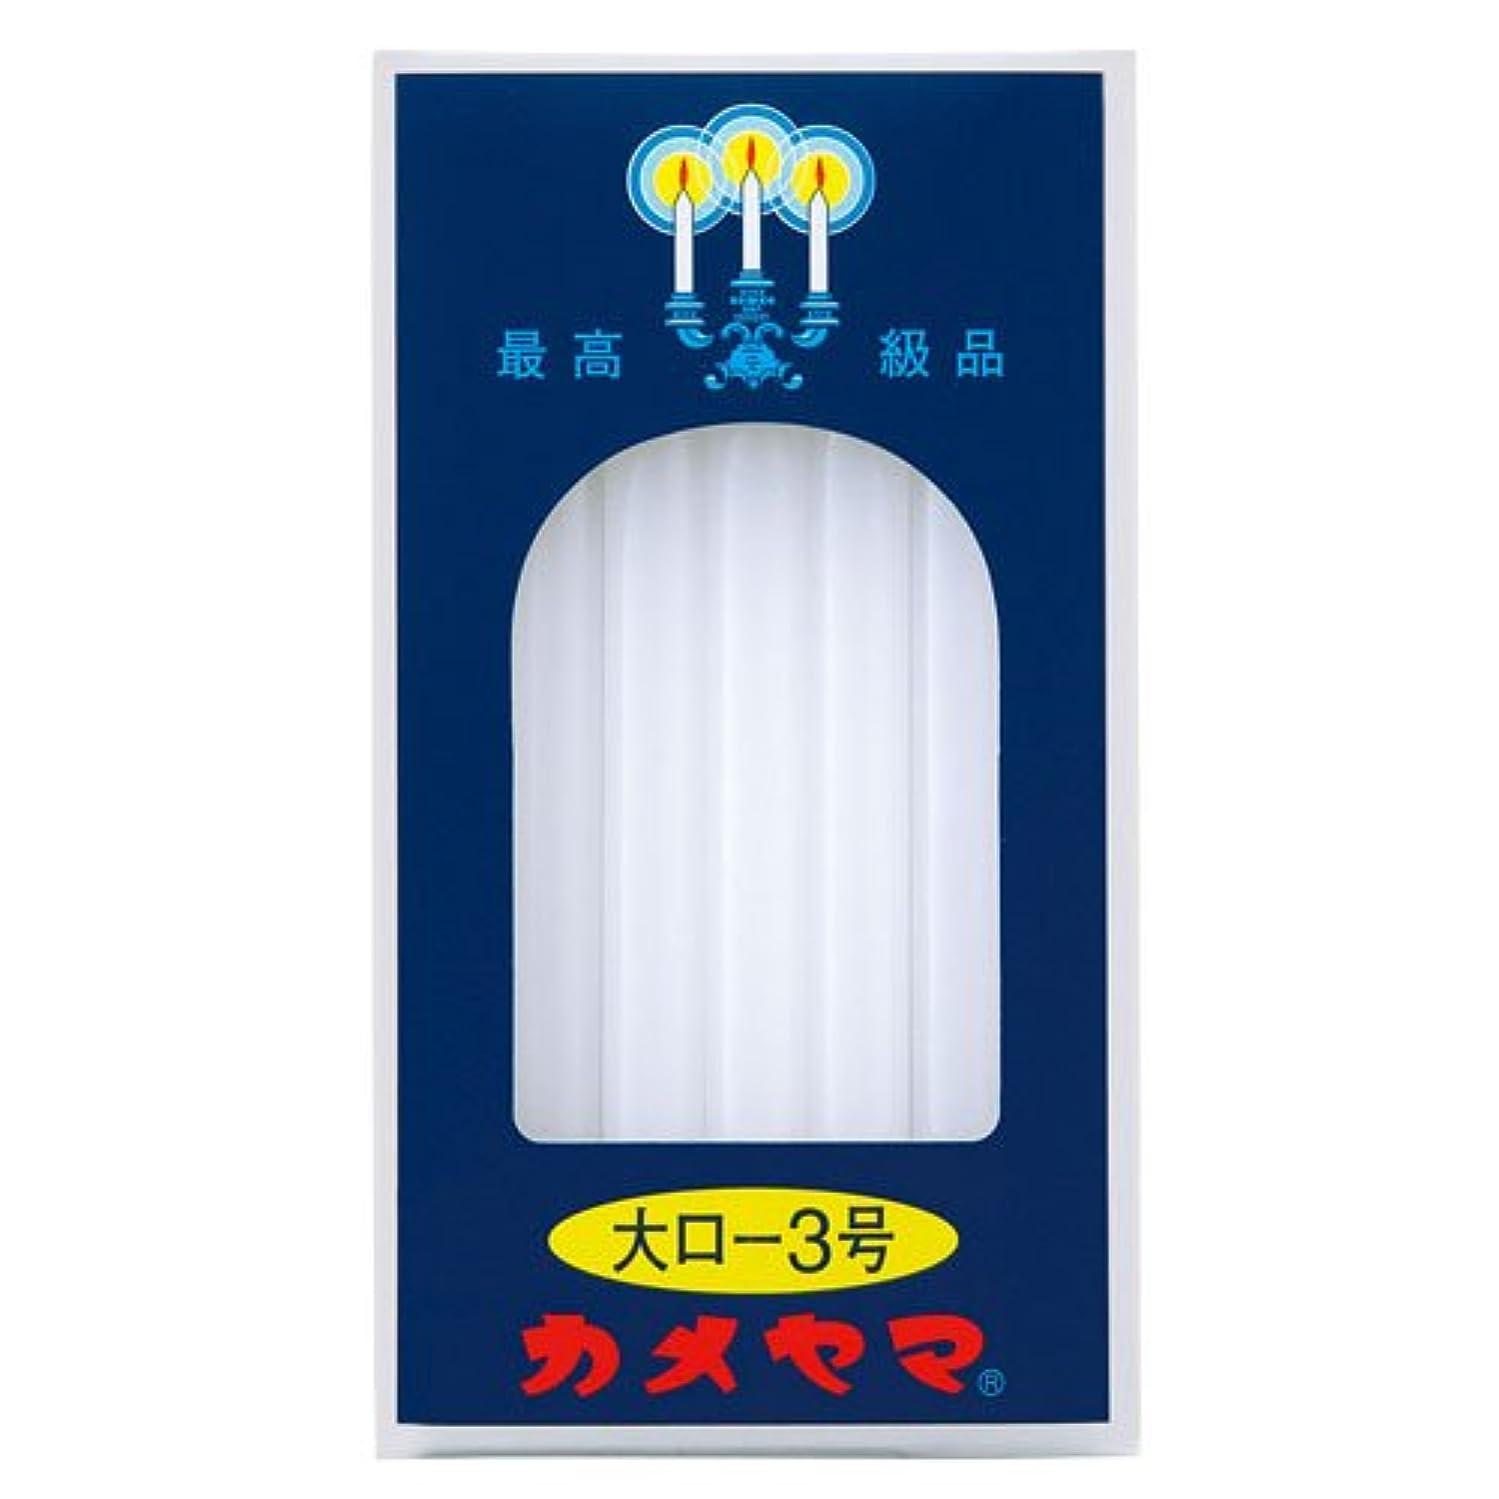 ヒュームプールコンベンション大ロ-ソク<3号> 225g